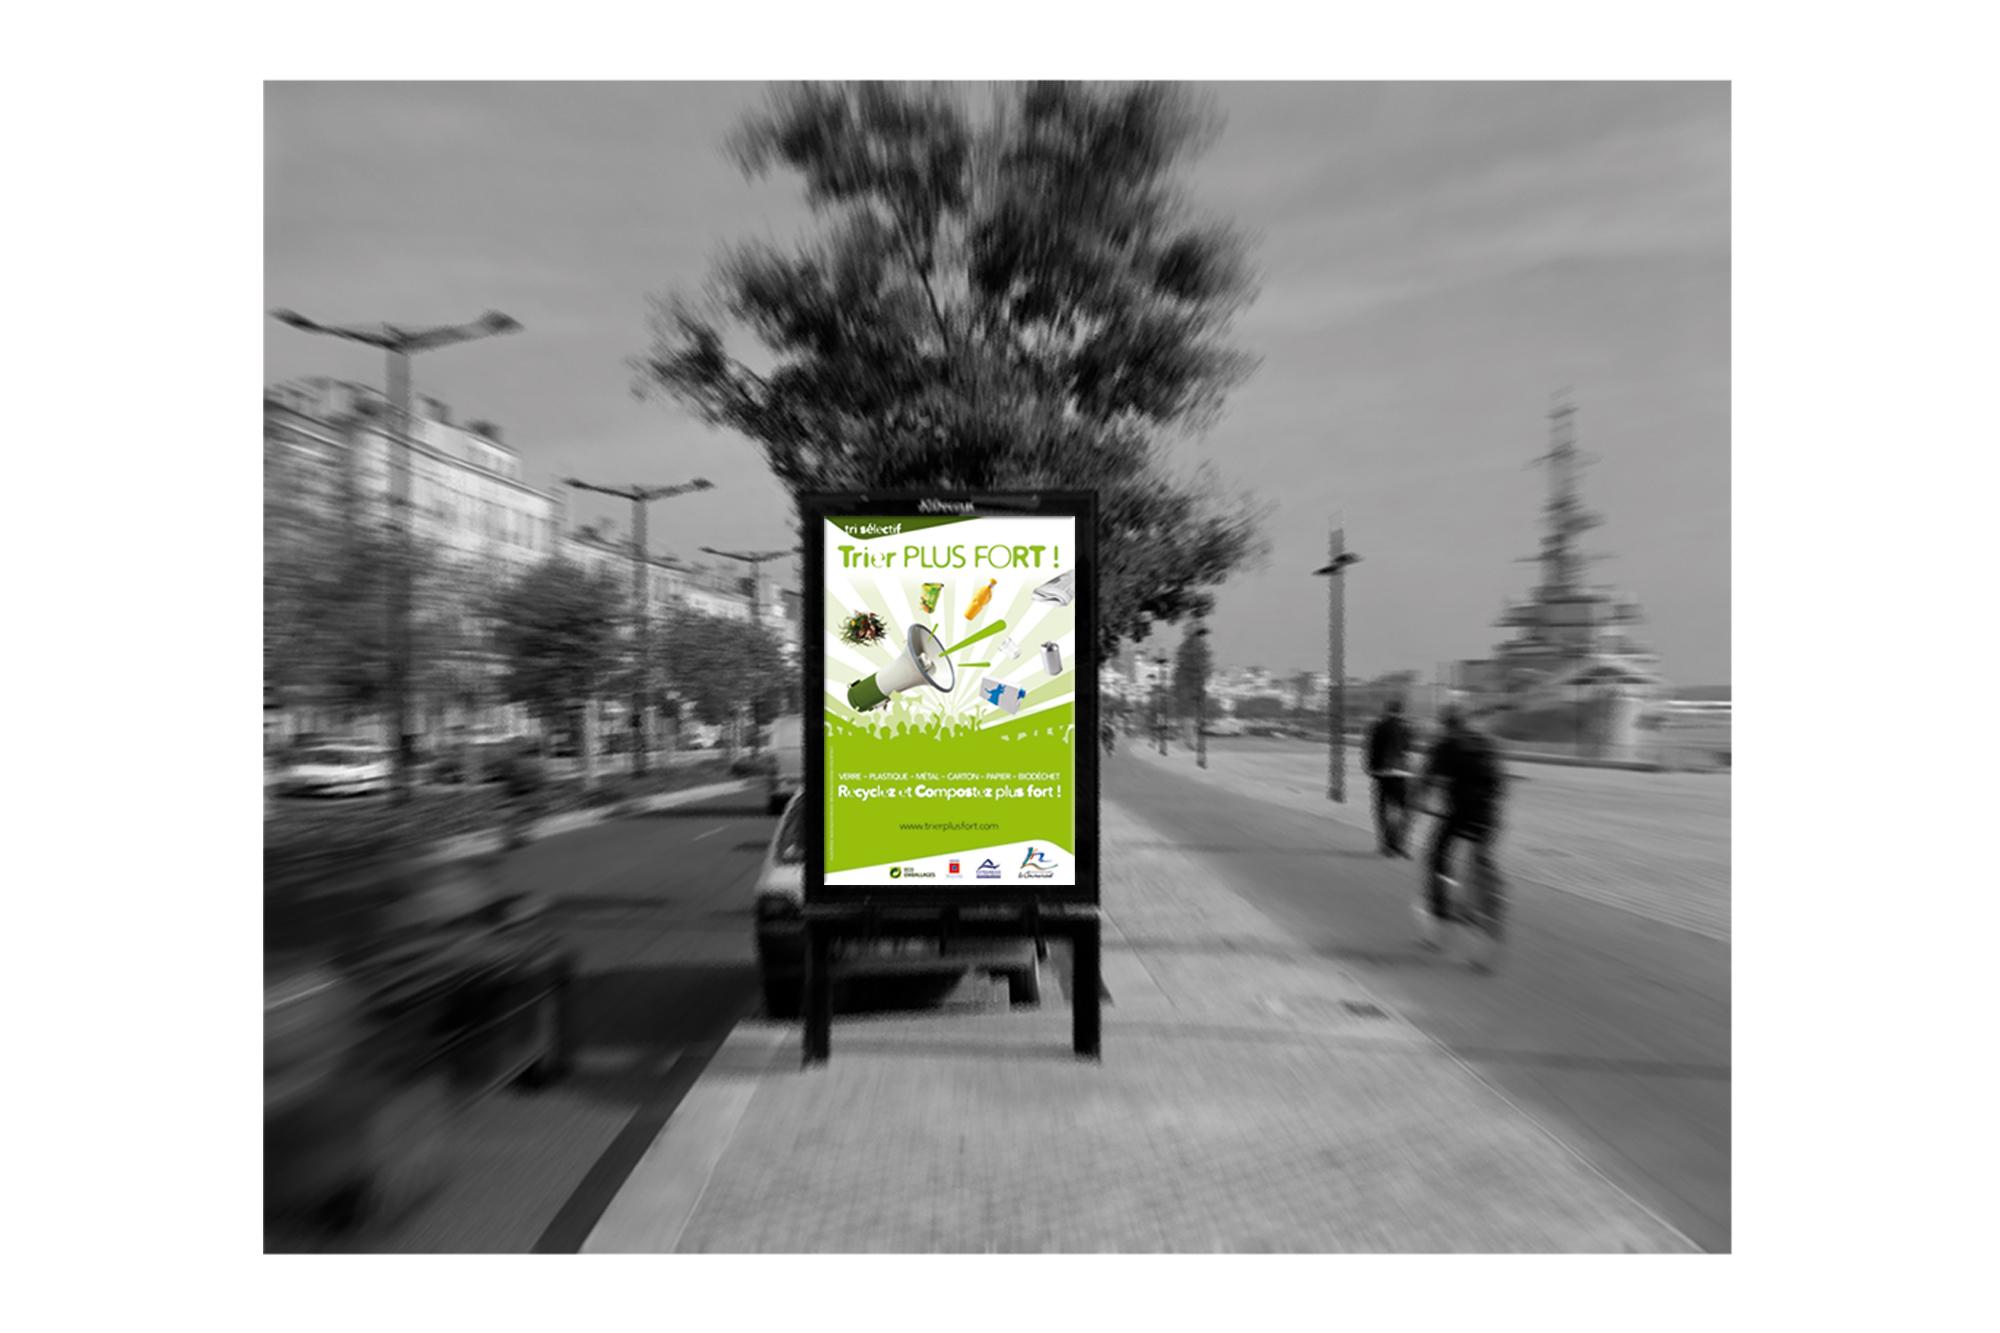 Campagne d'affichage TRIEZ PLUS FORT 2